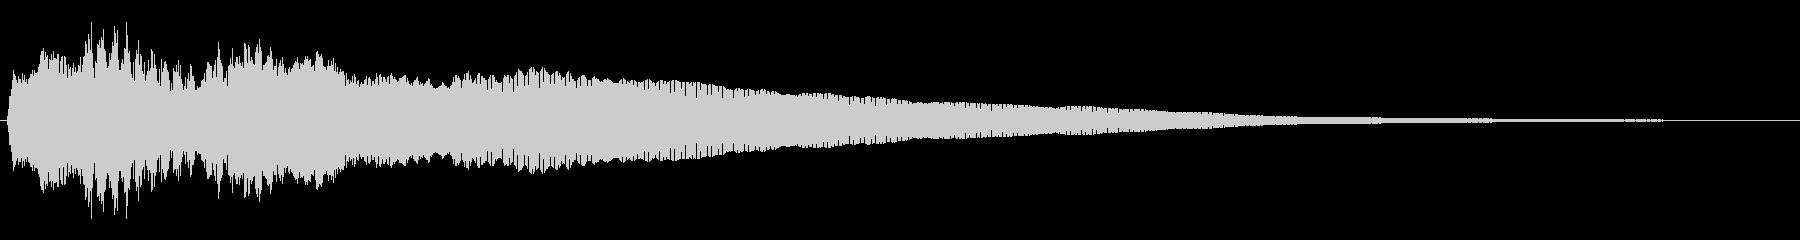 トッカータ風ジングル 06の未再生の波形